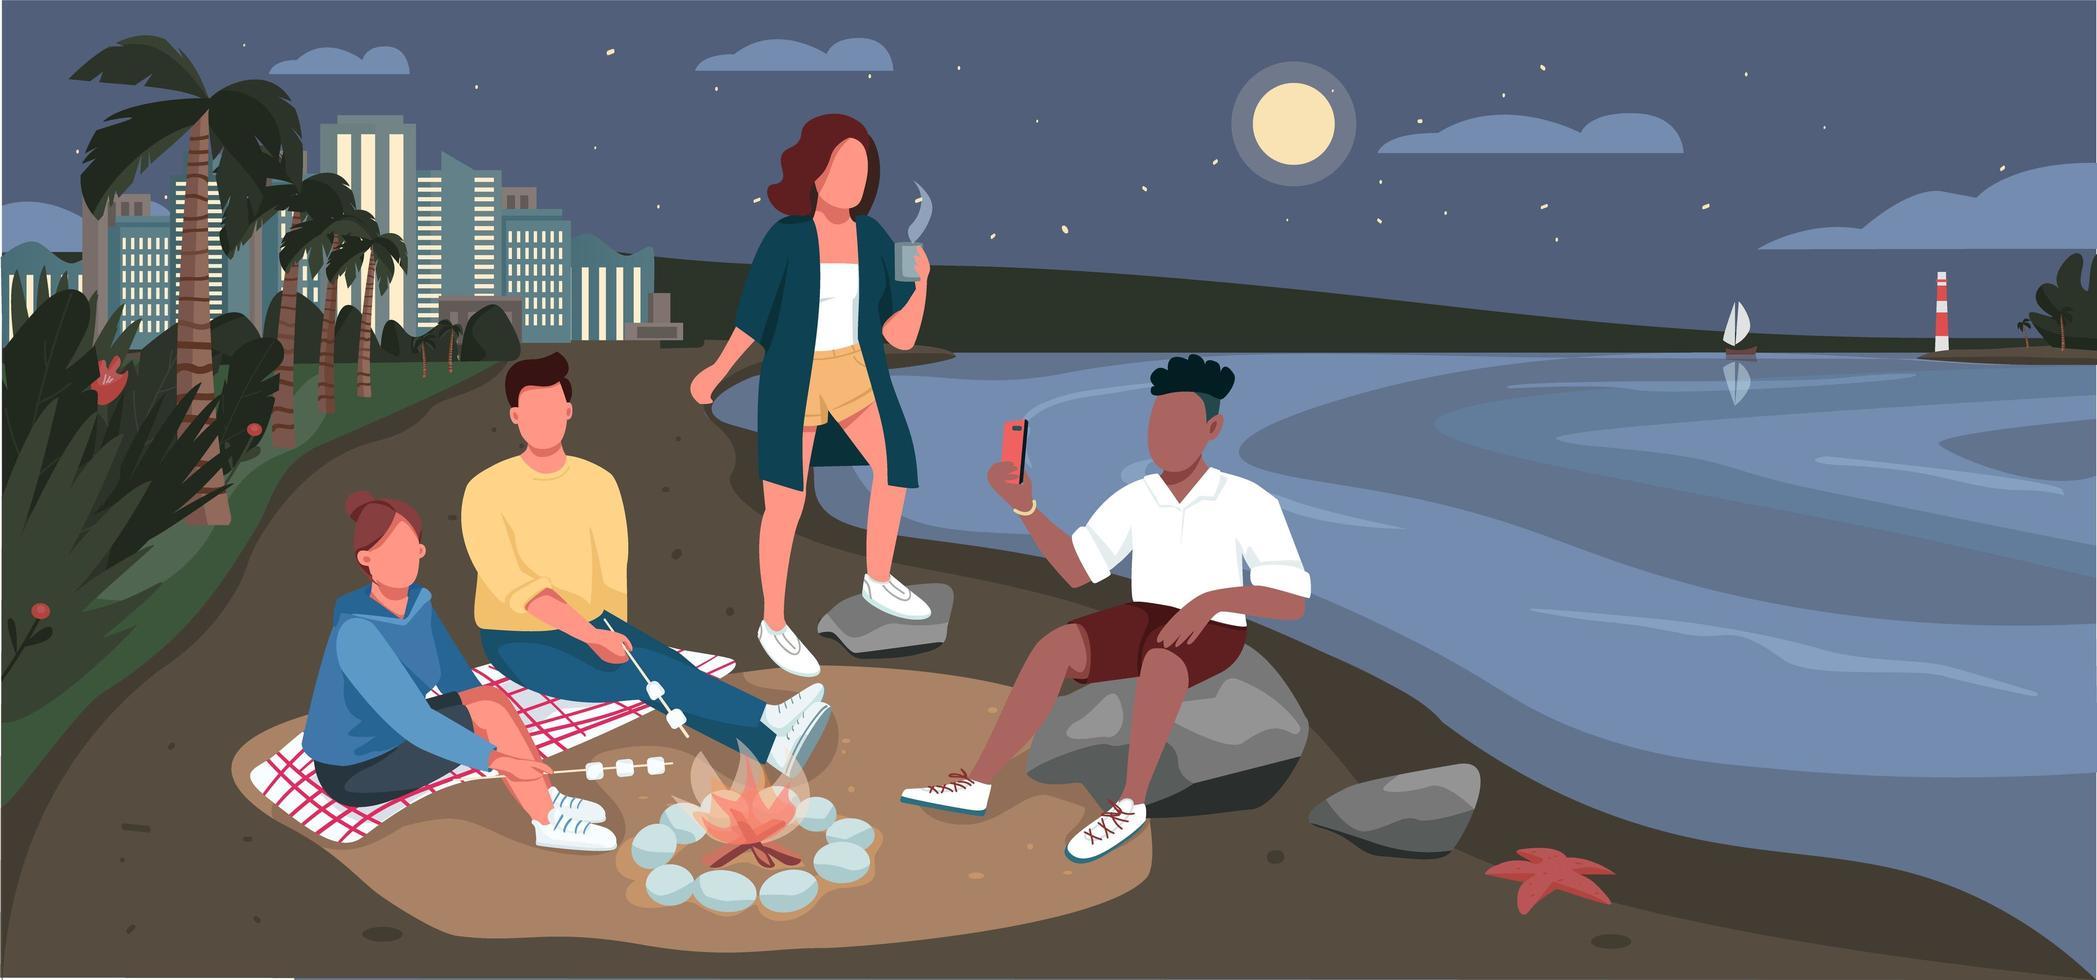 Soirée pique-nique entre amis sur la plage de sable vecteur